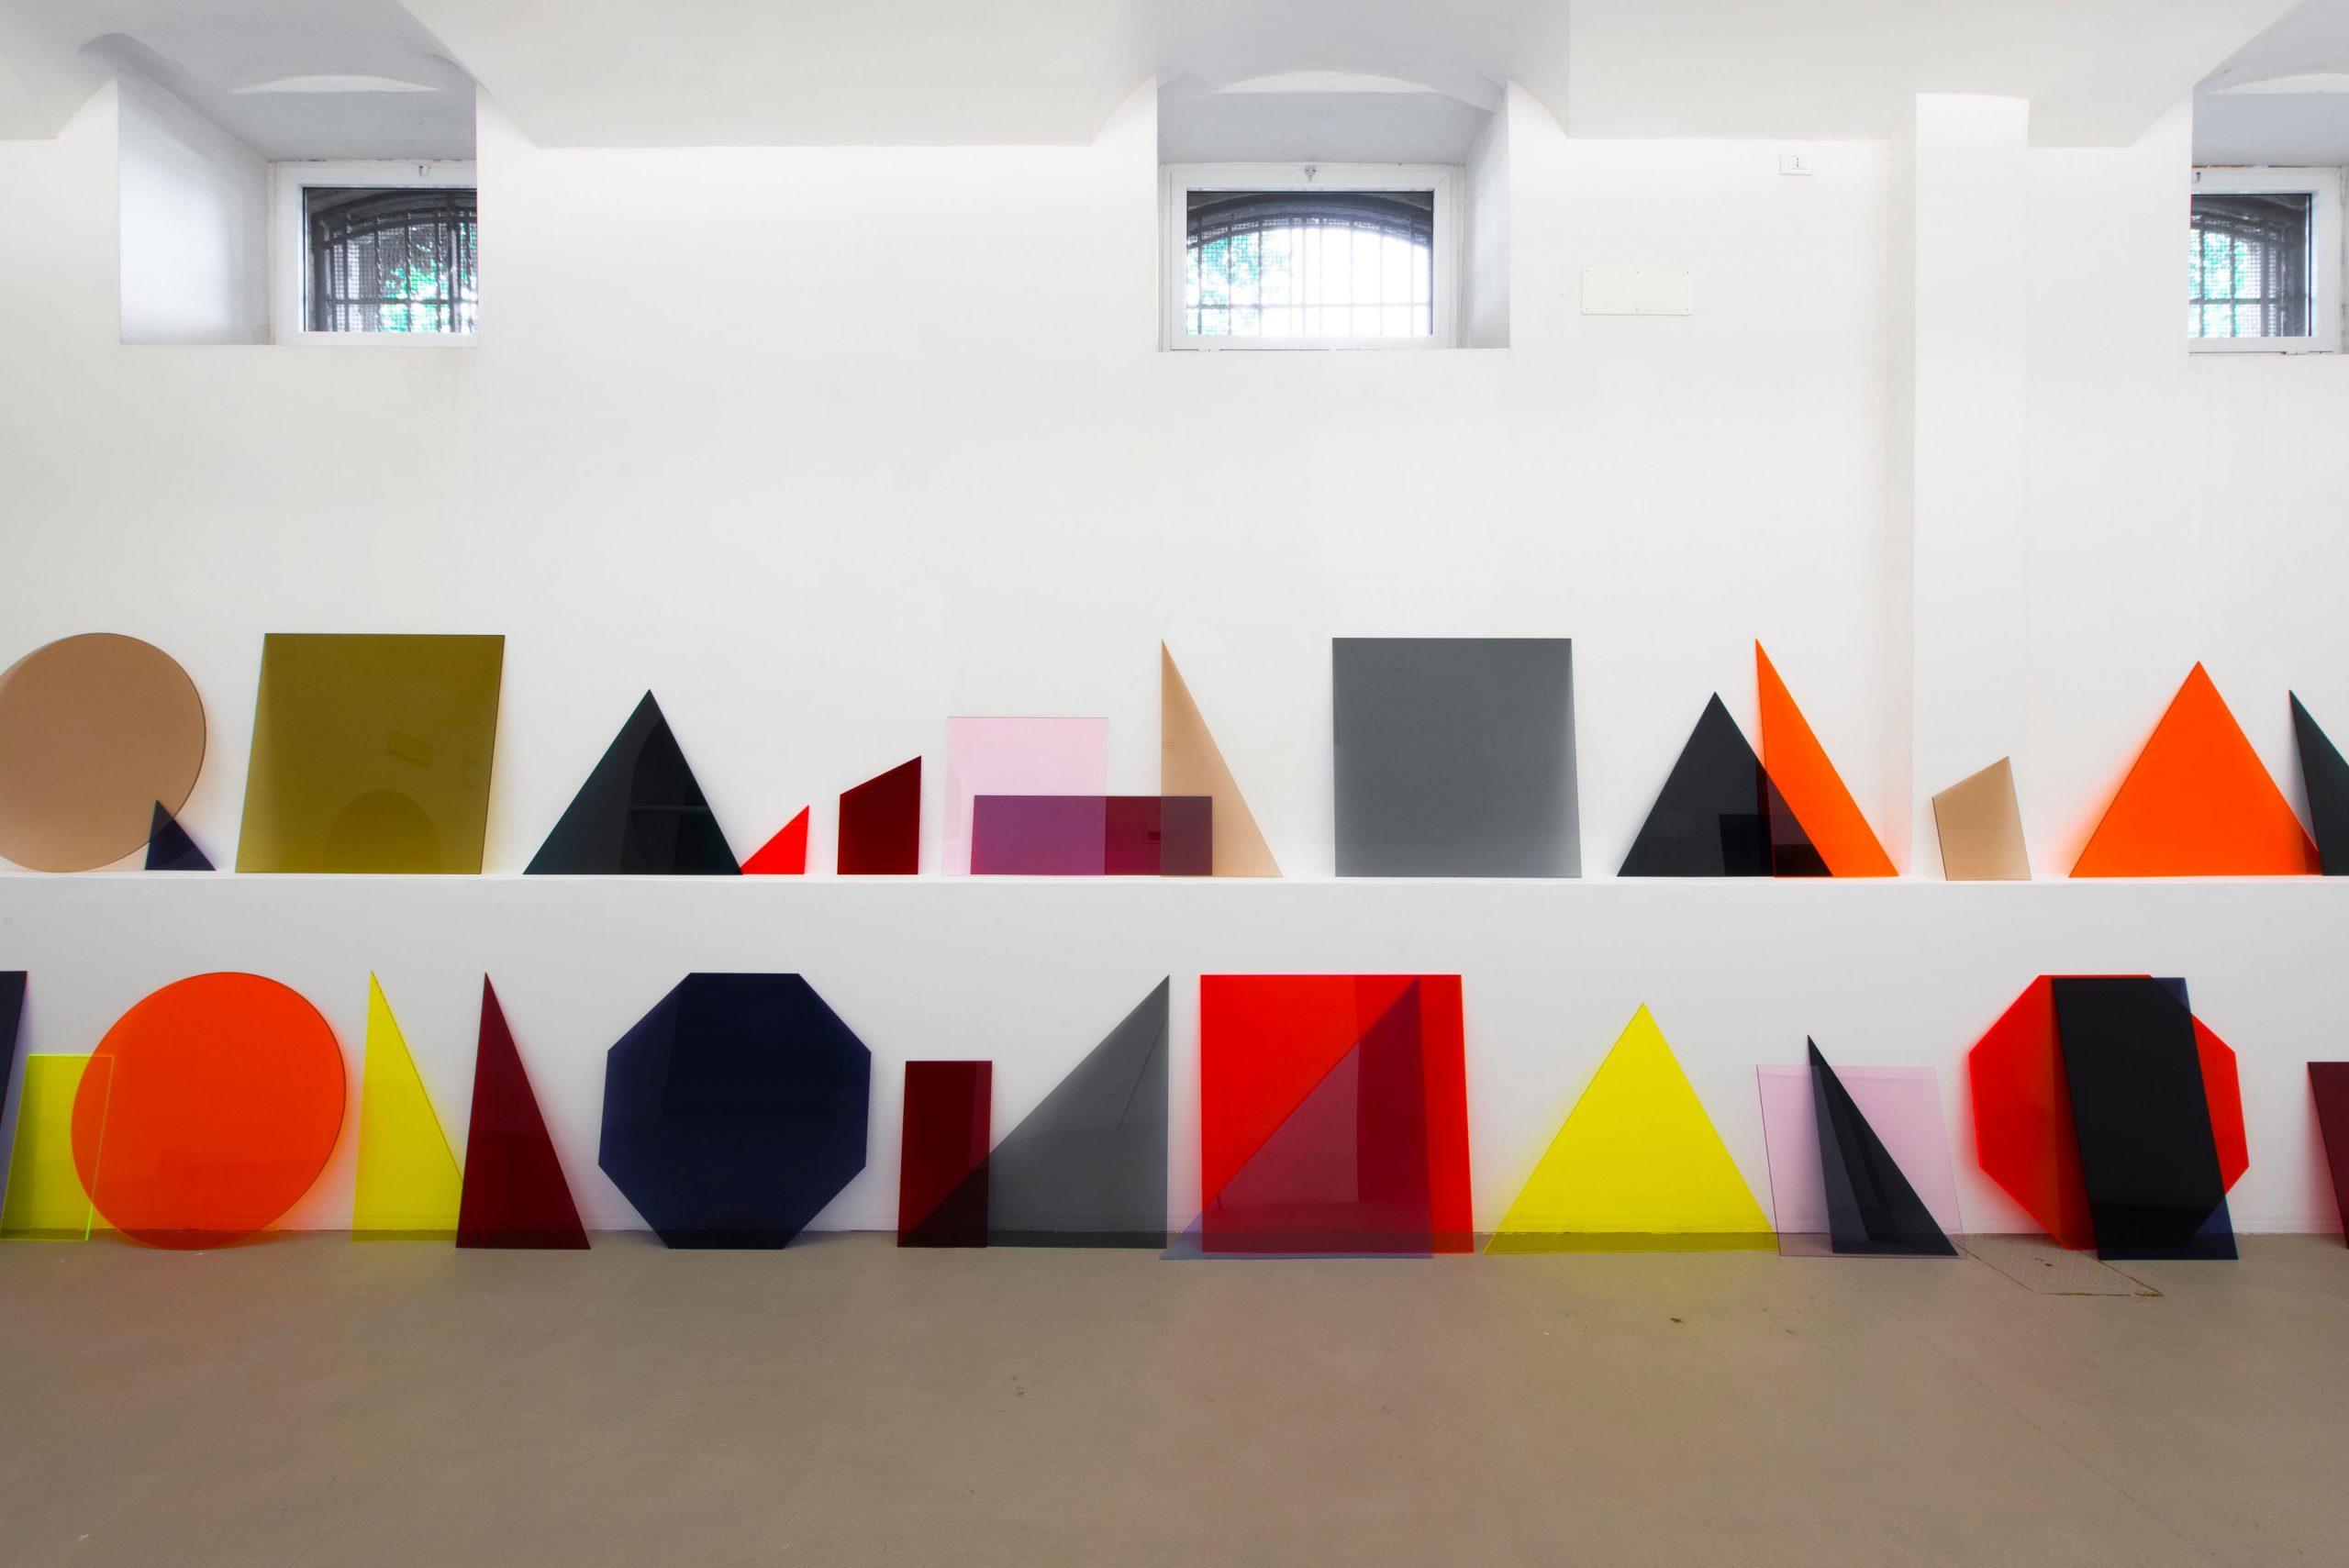 Amalia Pica A∩B∩C (line), 2013  Courtesy Coll. Fundação de Serralves – Museum of Contemporary Art, Porto, Portugal. Aquisition in 2013